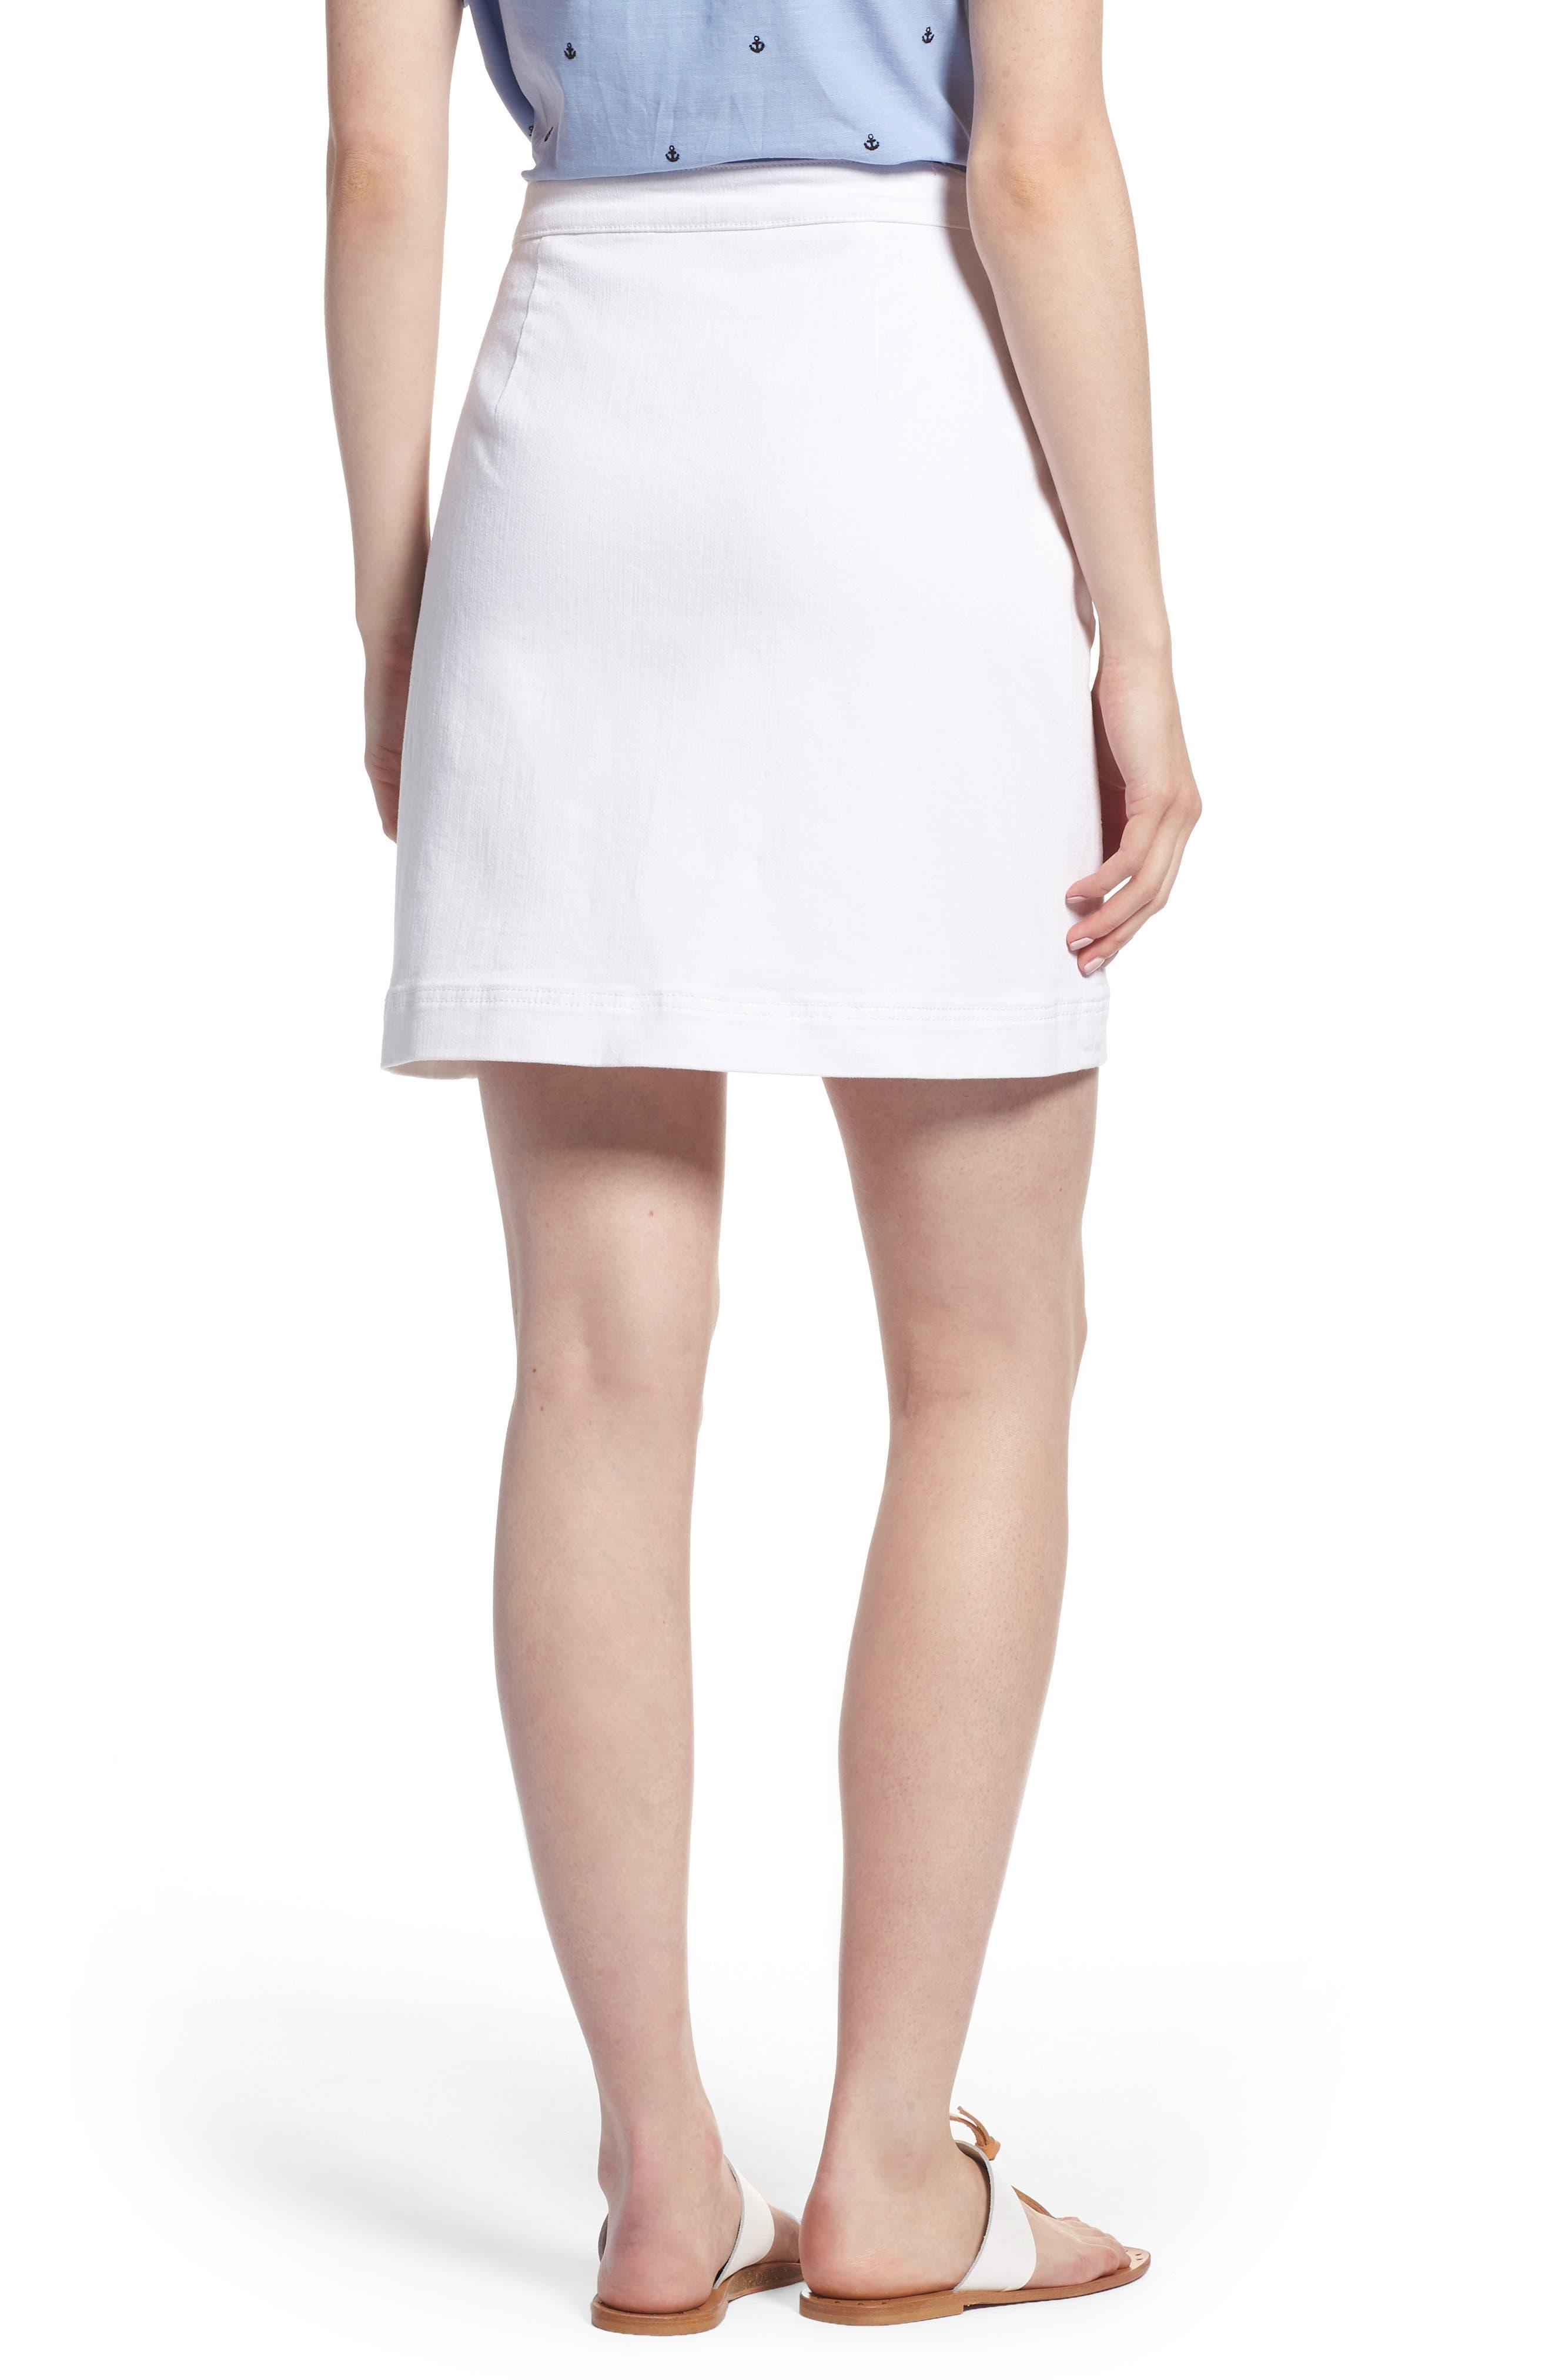 Sailor Button White Denim Skirt,                             Alternate thumbnail 2, color,                             White